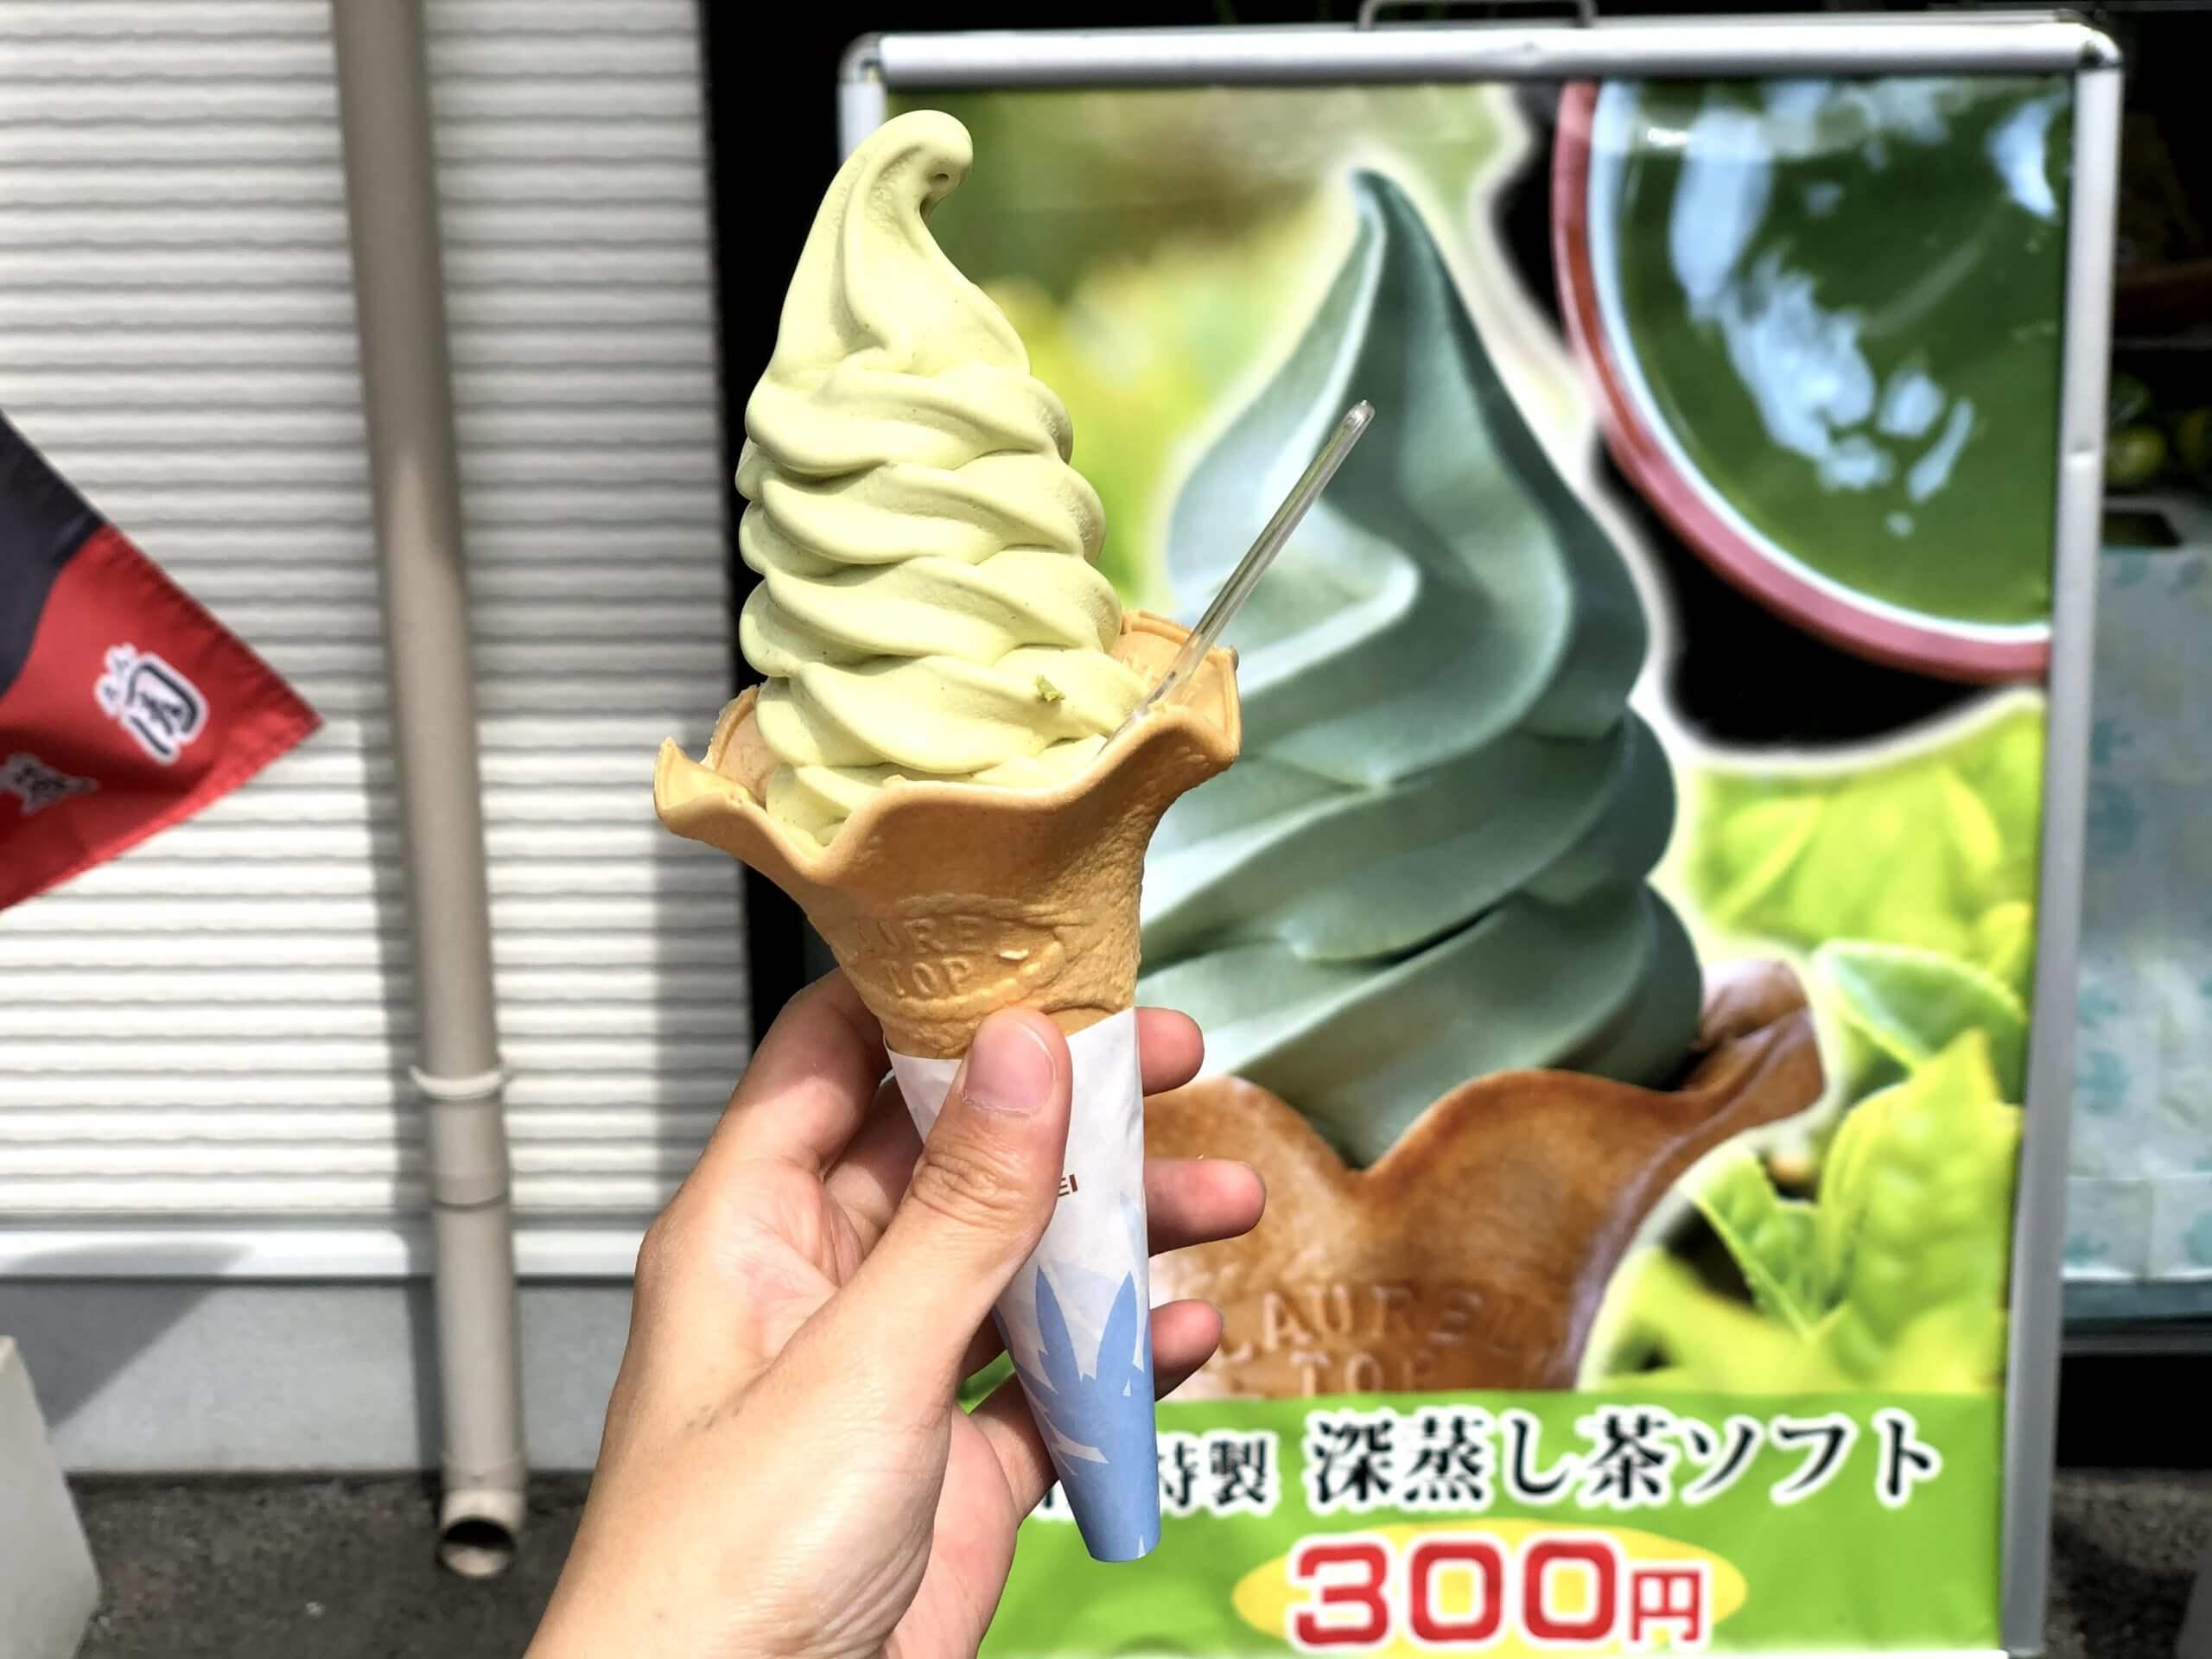 【お茶とグルメの杜 山麓園】お茶のソフトクリームが美味しい。品ぞろえ豊富なお店《東区画図町大字所島》